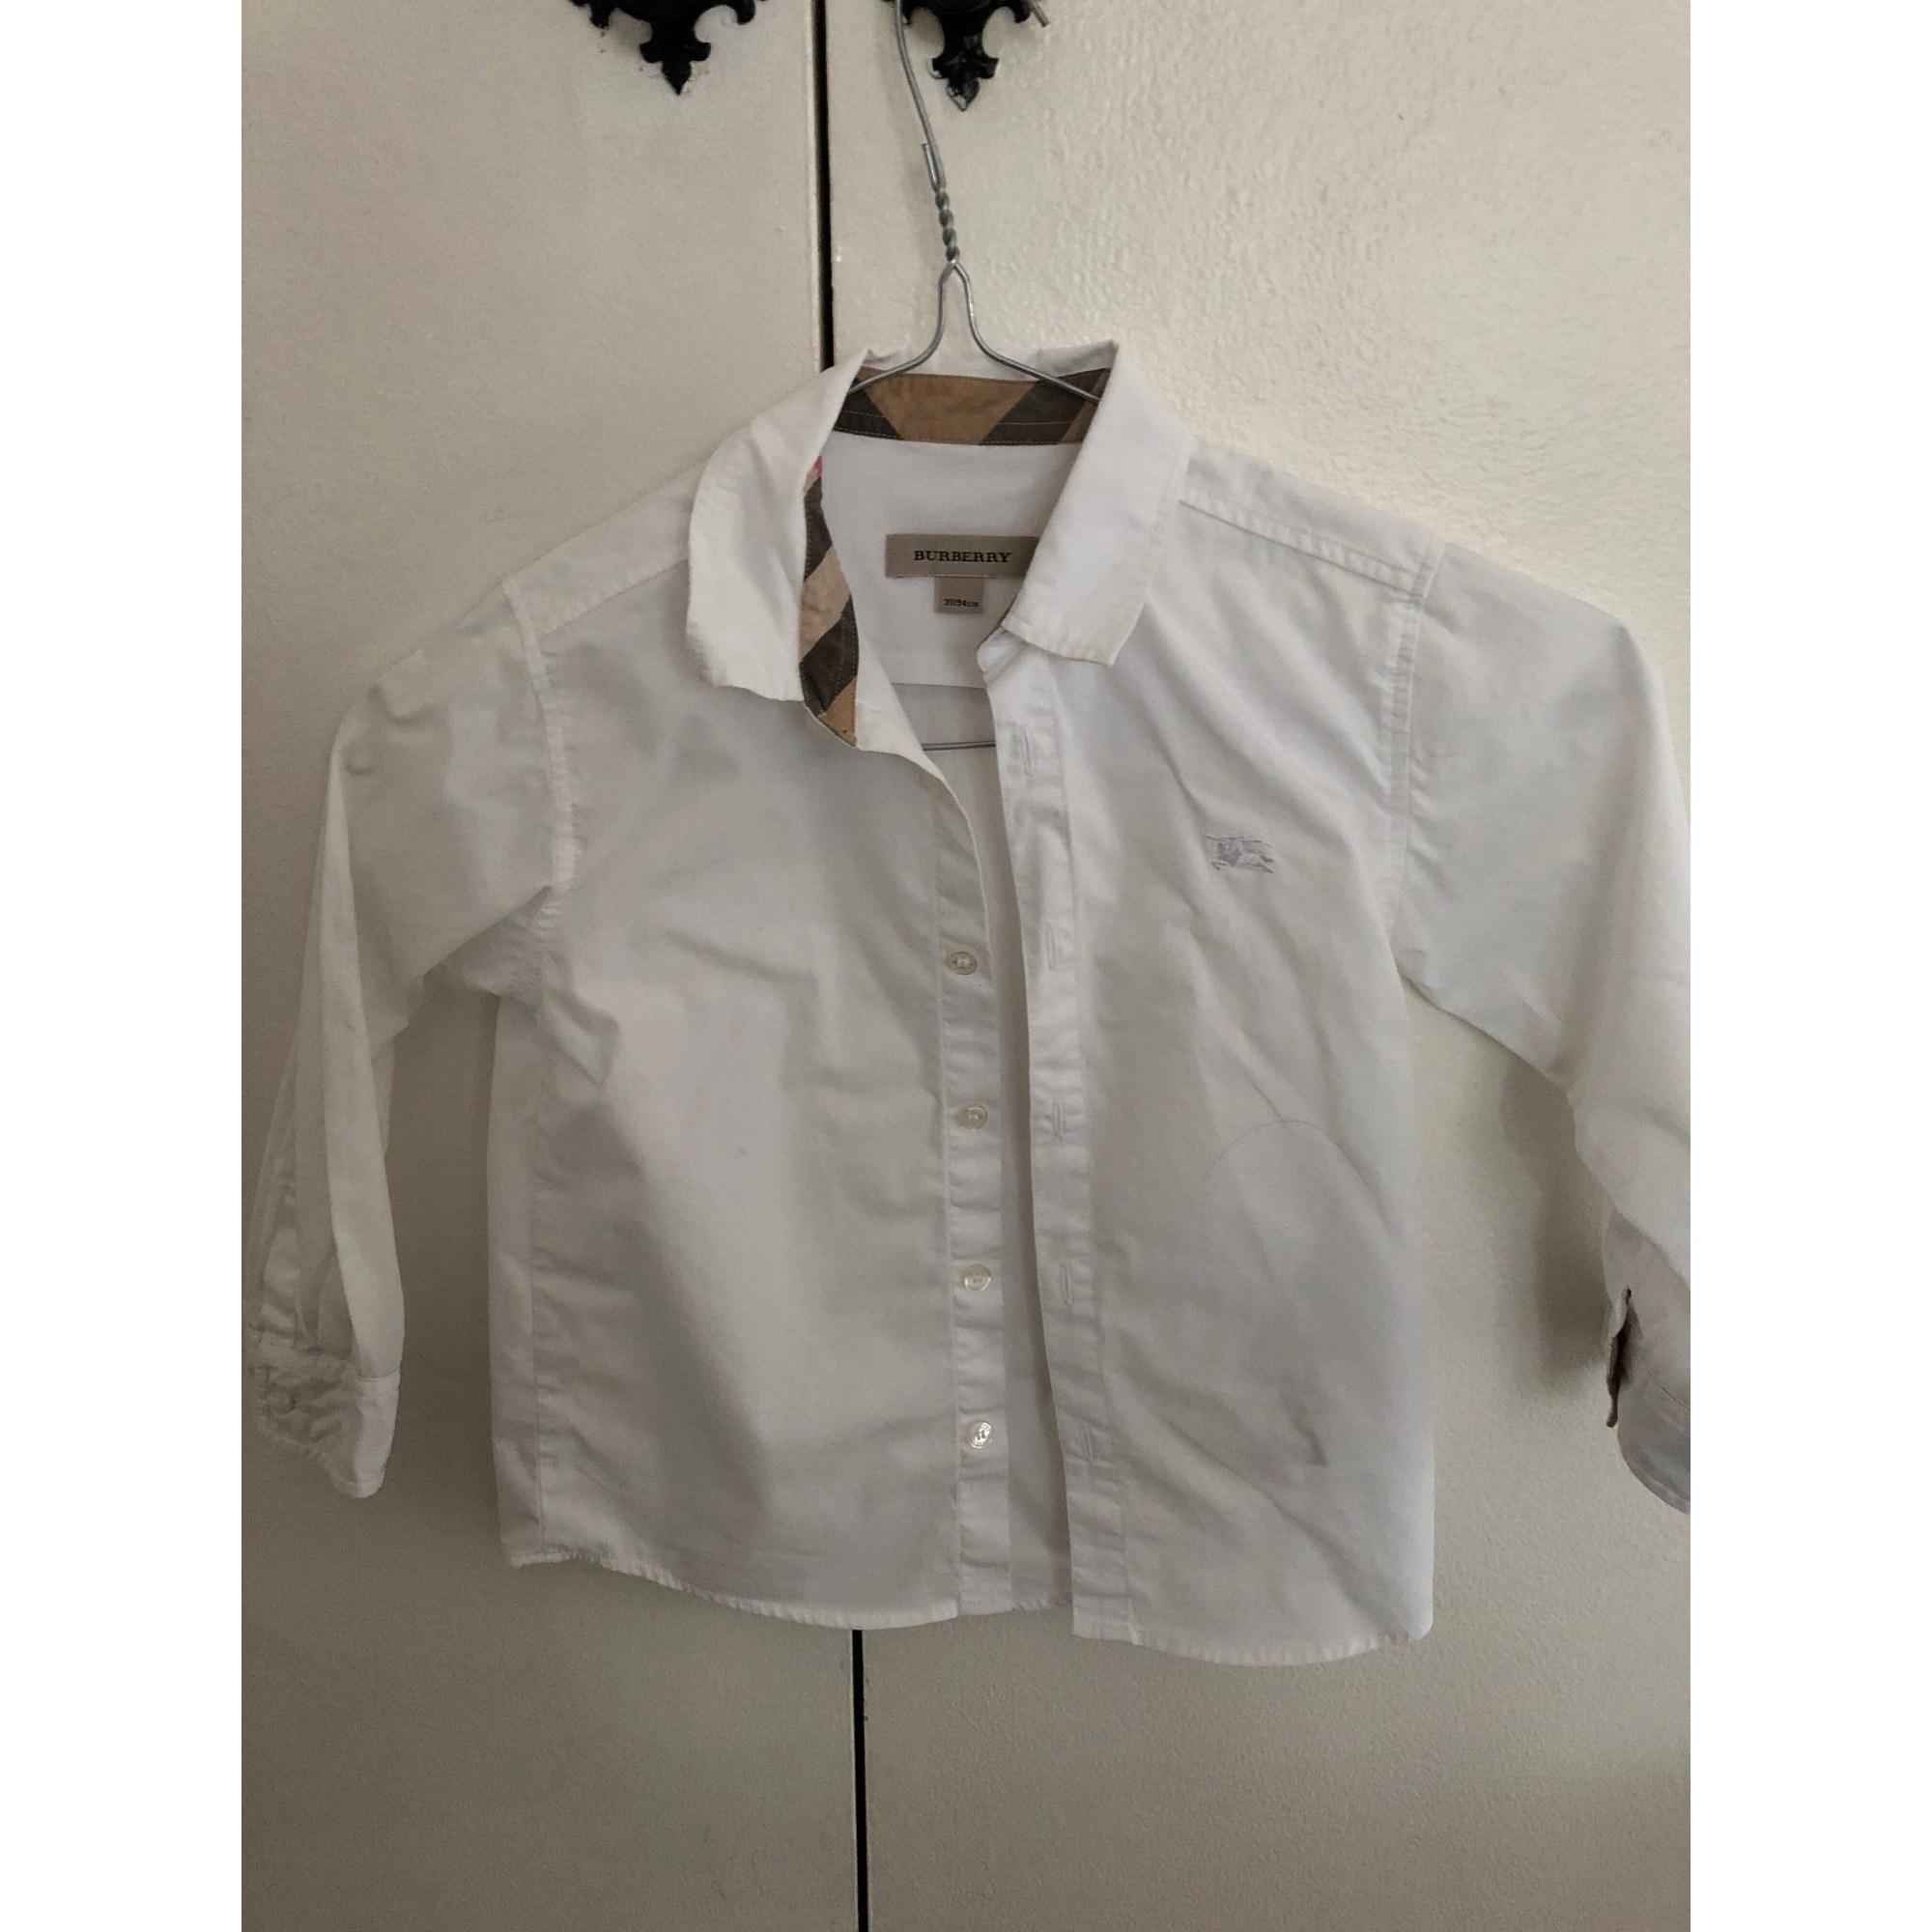 Chemise BURBERRY 3-4 ans blanc vendu par Lorraine 231 - 7119718 9cded11f40cf